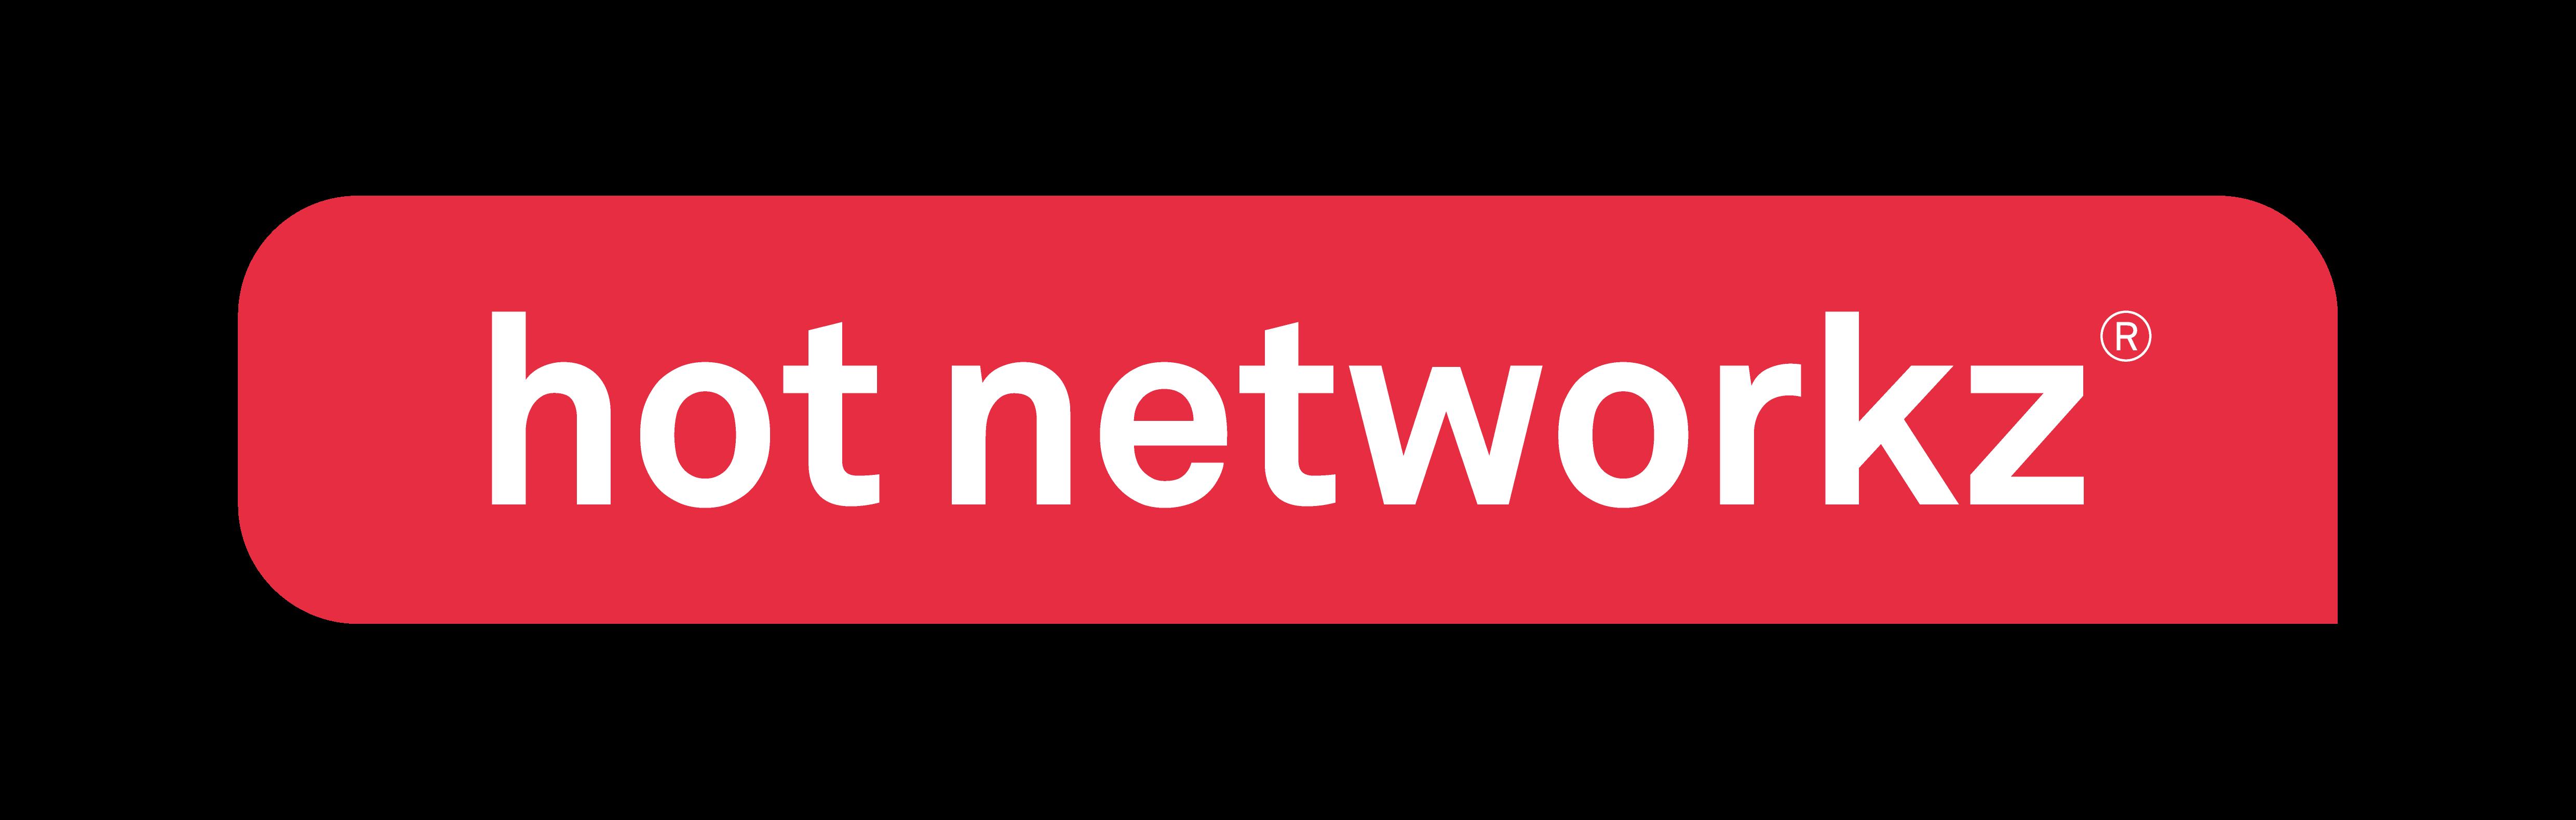 Hot Networkz